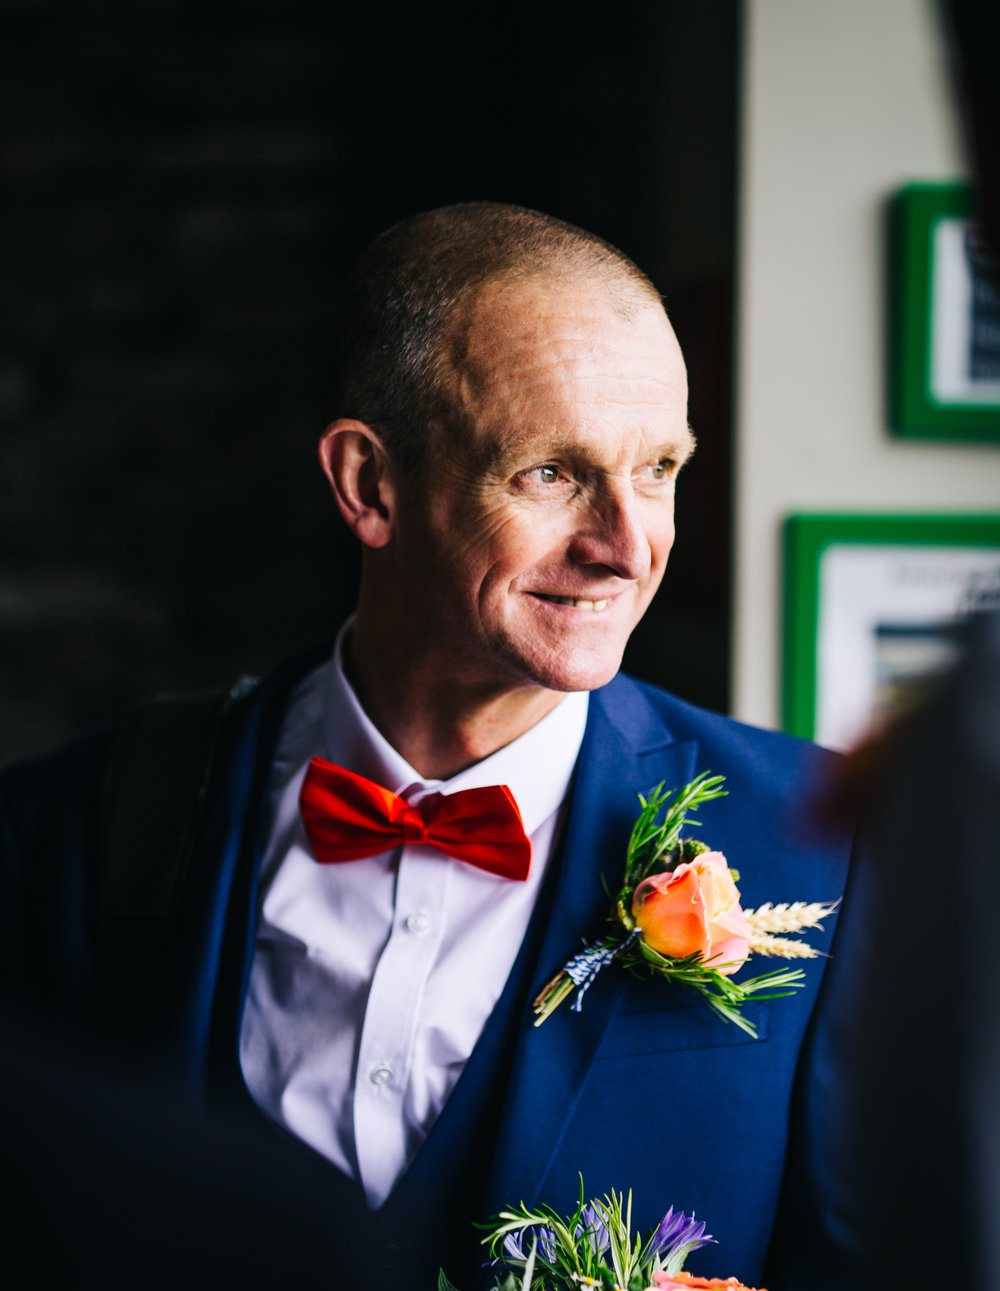 One of the best men, Rustic wedding.